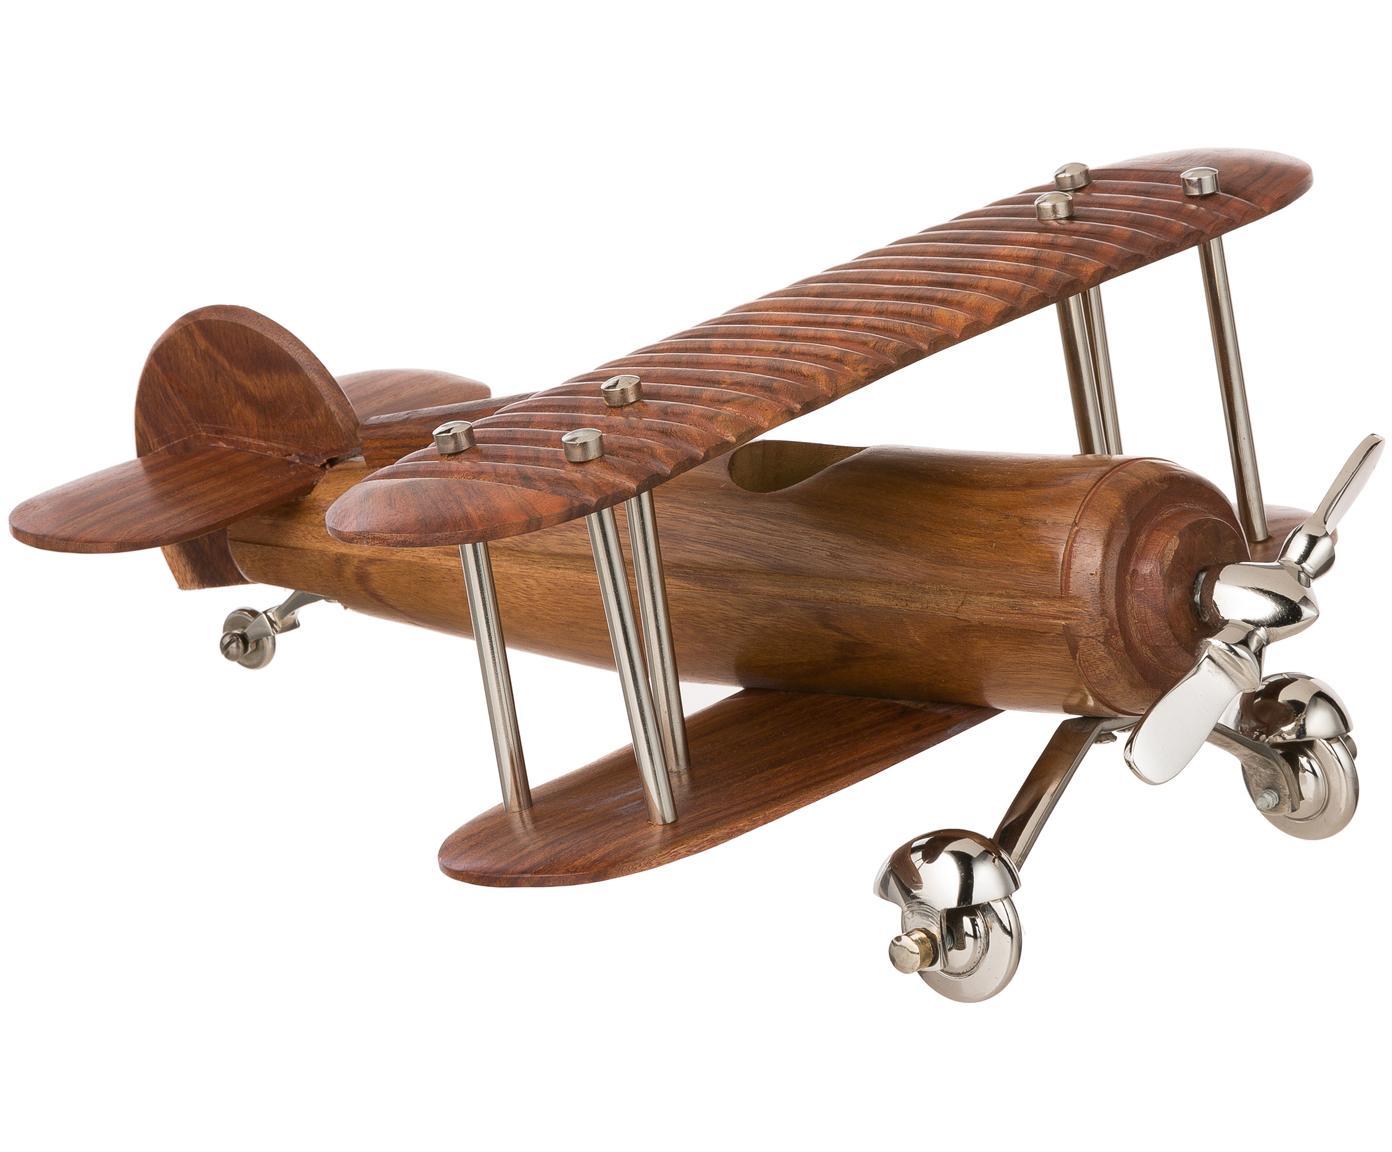 Dekoracja Aviator, Drewno, metal, Brązowy, metal, D 41 x S 33 cm